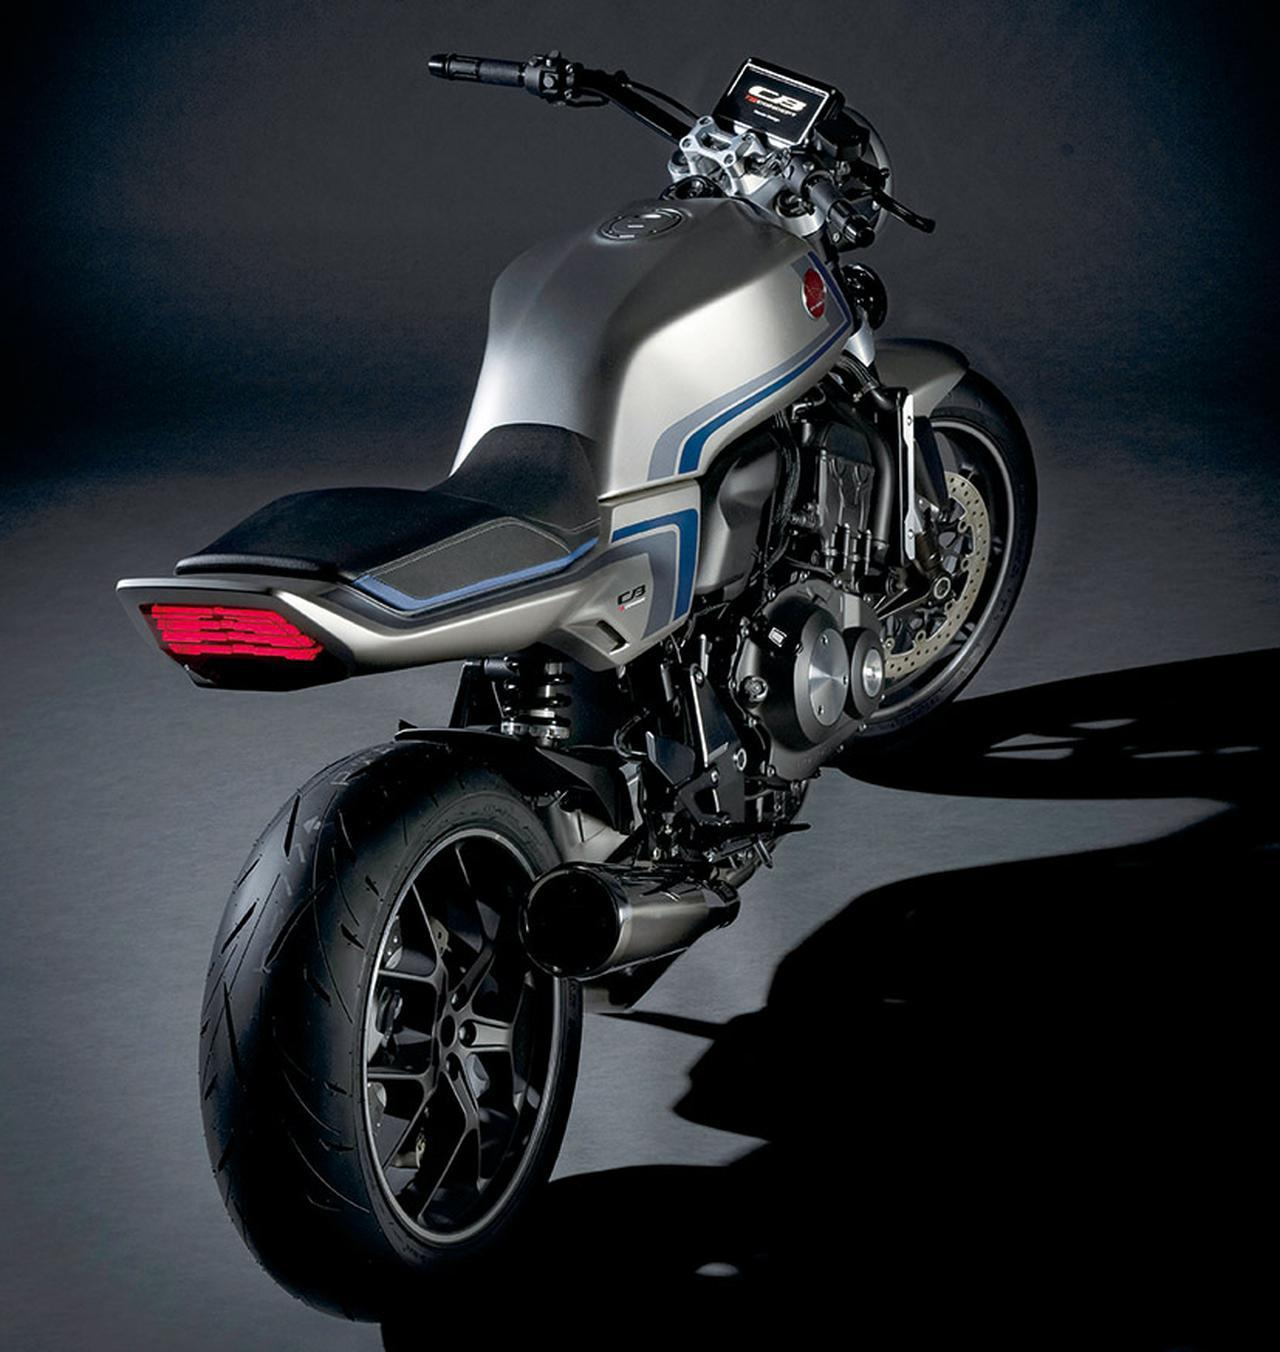 画像: ホンダ「CB-Fコンセプト」が市販化されたらどうなる?〈走行性能の予想と価格への期待〉宮崎敬一郎のスペシャルコラム - webオートバイ